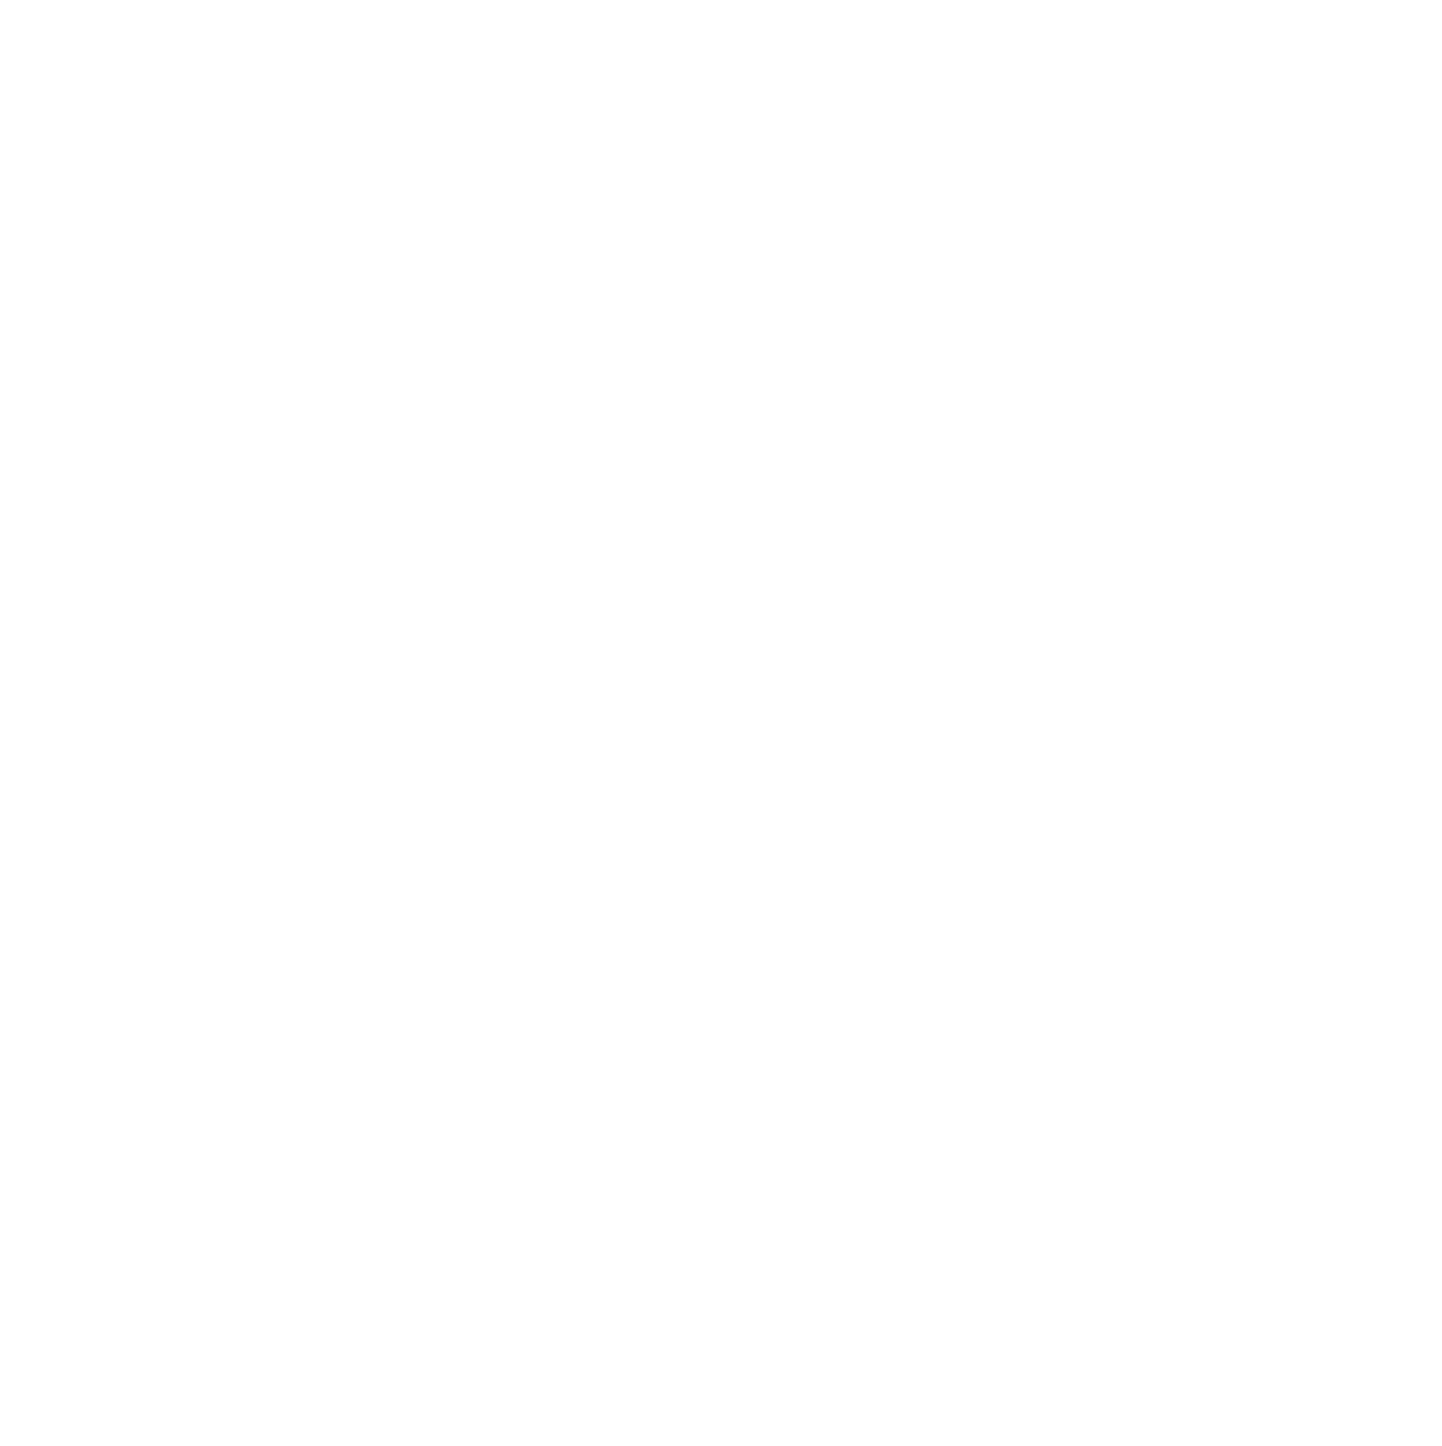 carte-pass-asbh-beziers-beaute-bien-etre